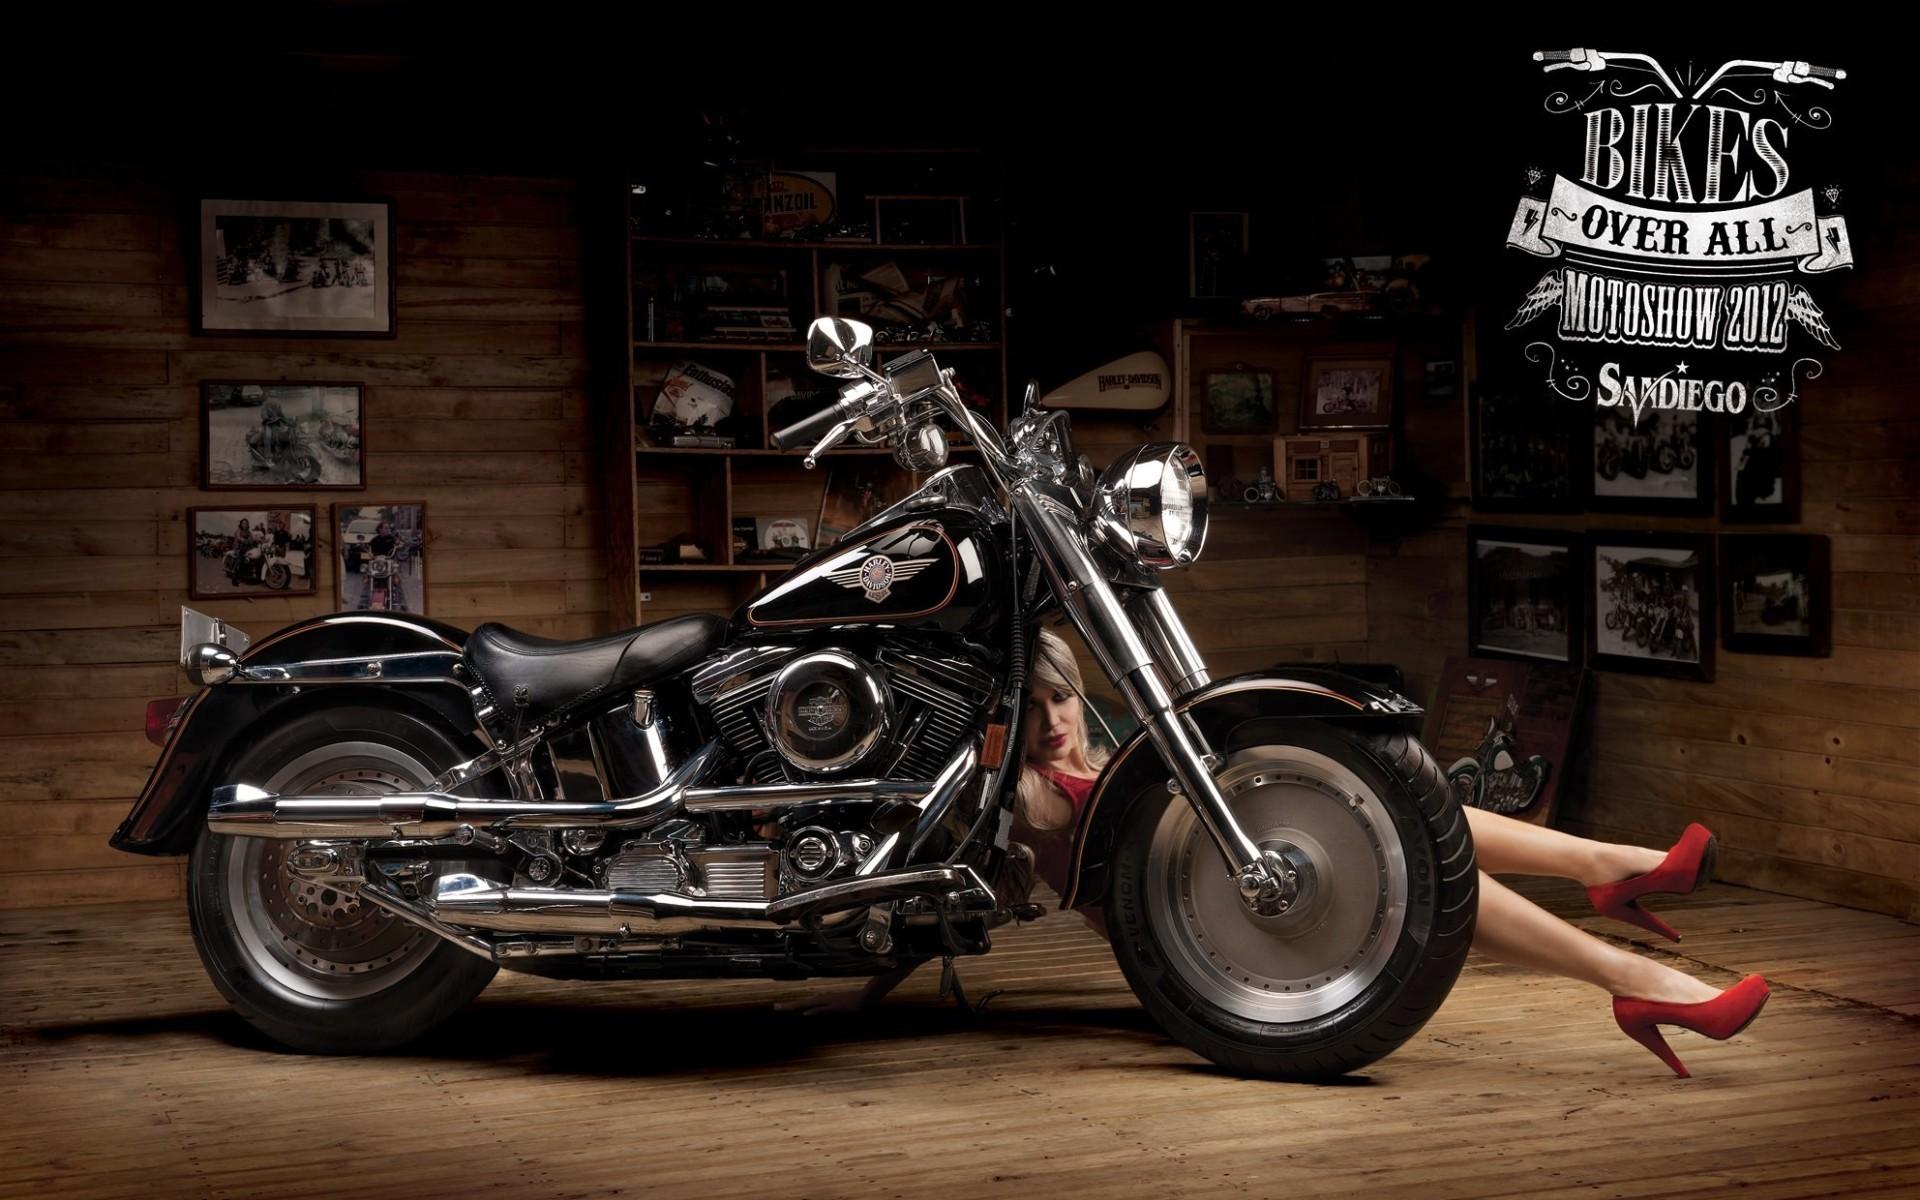 Amazing Wallpaper High Resolution Harley Davidson - 985253-download-harley-davidson-backgrounds-for-desktop-1920x1200-high-resolution  Pic_637424.jpg